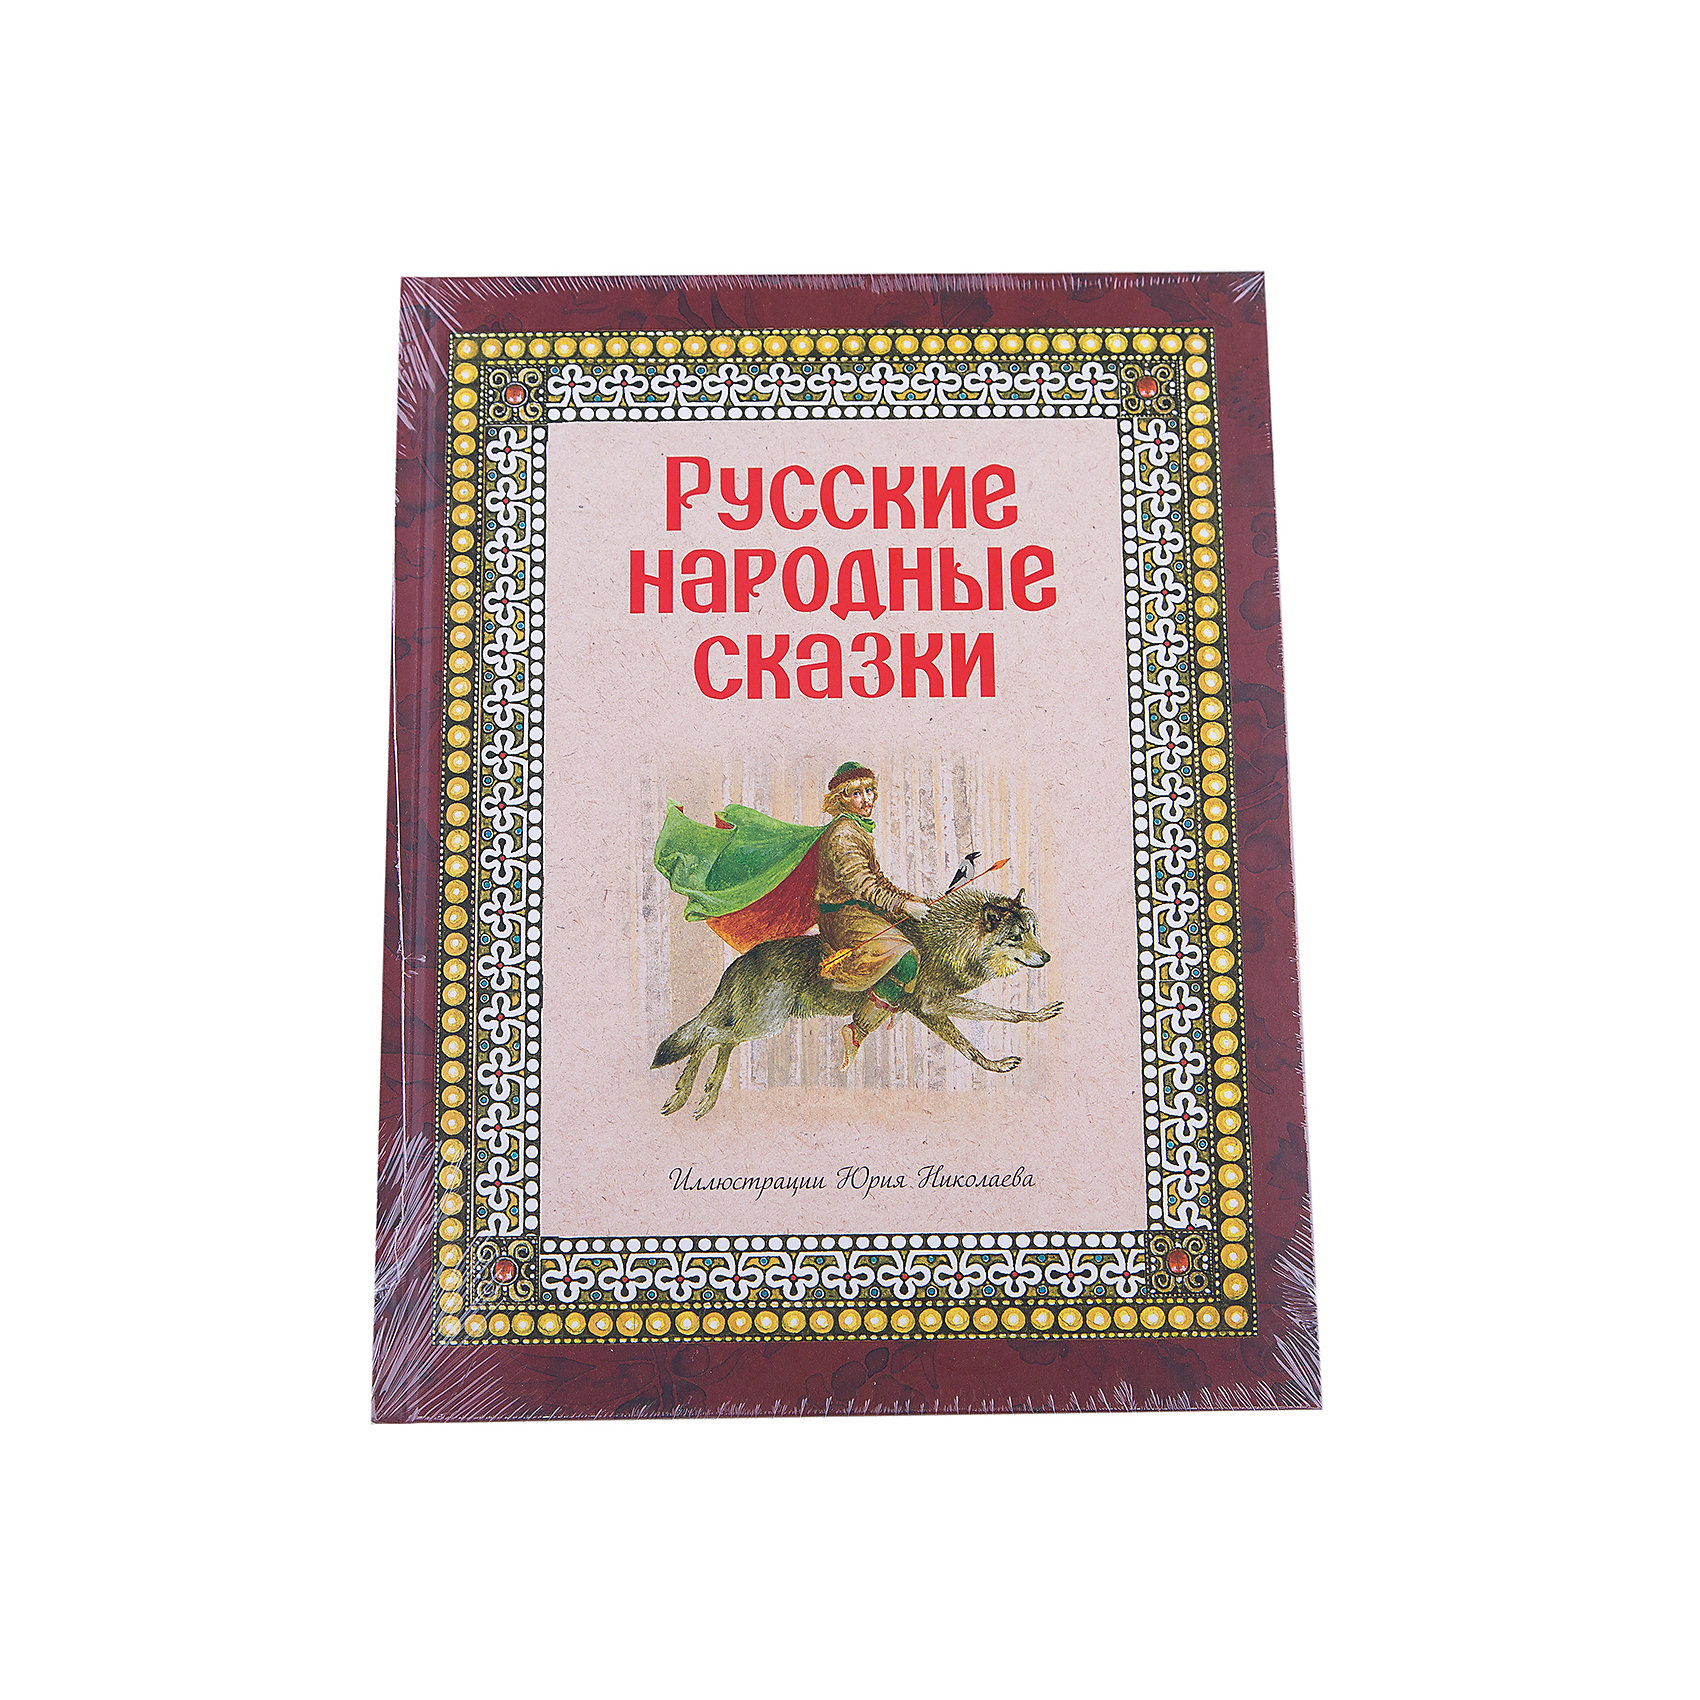 Русские народные сказки (ил. Ю. Николаева)Представляем вашему вниманию Русские народные сказки с иллюстрациями Юрия Николаева.<br>В обработке А. Толстого и А. Афанасьева.<br>Для младшего школьного возраста.<br><br>Ширина мм: 255<br>Глубина мм: 197<br>Высота мм: 160<br>Вес г: 635<br>Возраст от месяцев: 84<br>Возраст до месяцев: 2147483647<br>Пол: Унисекс<br>Возраст: Детский<br>SKU: 5535554